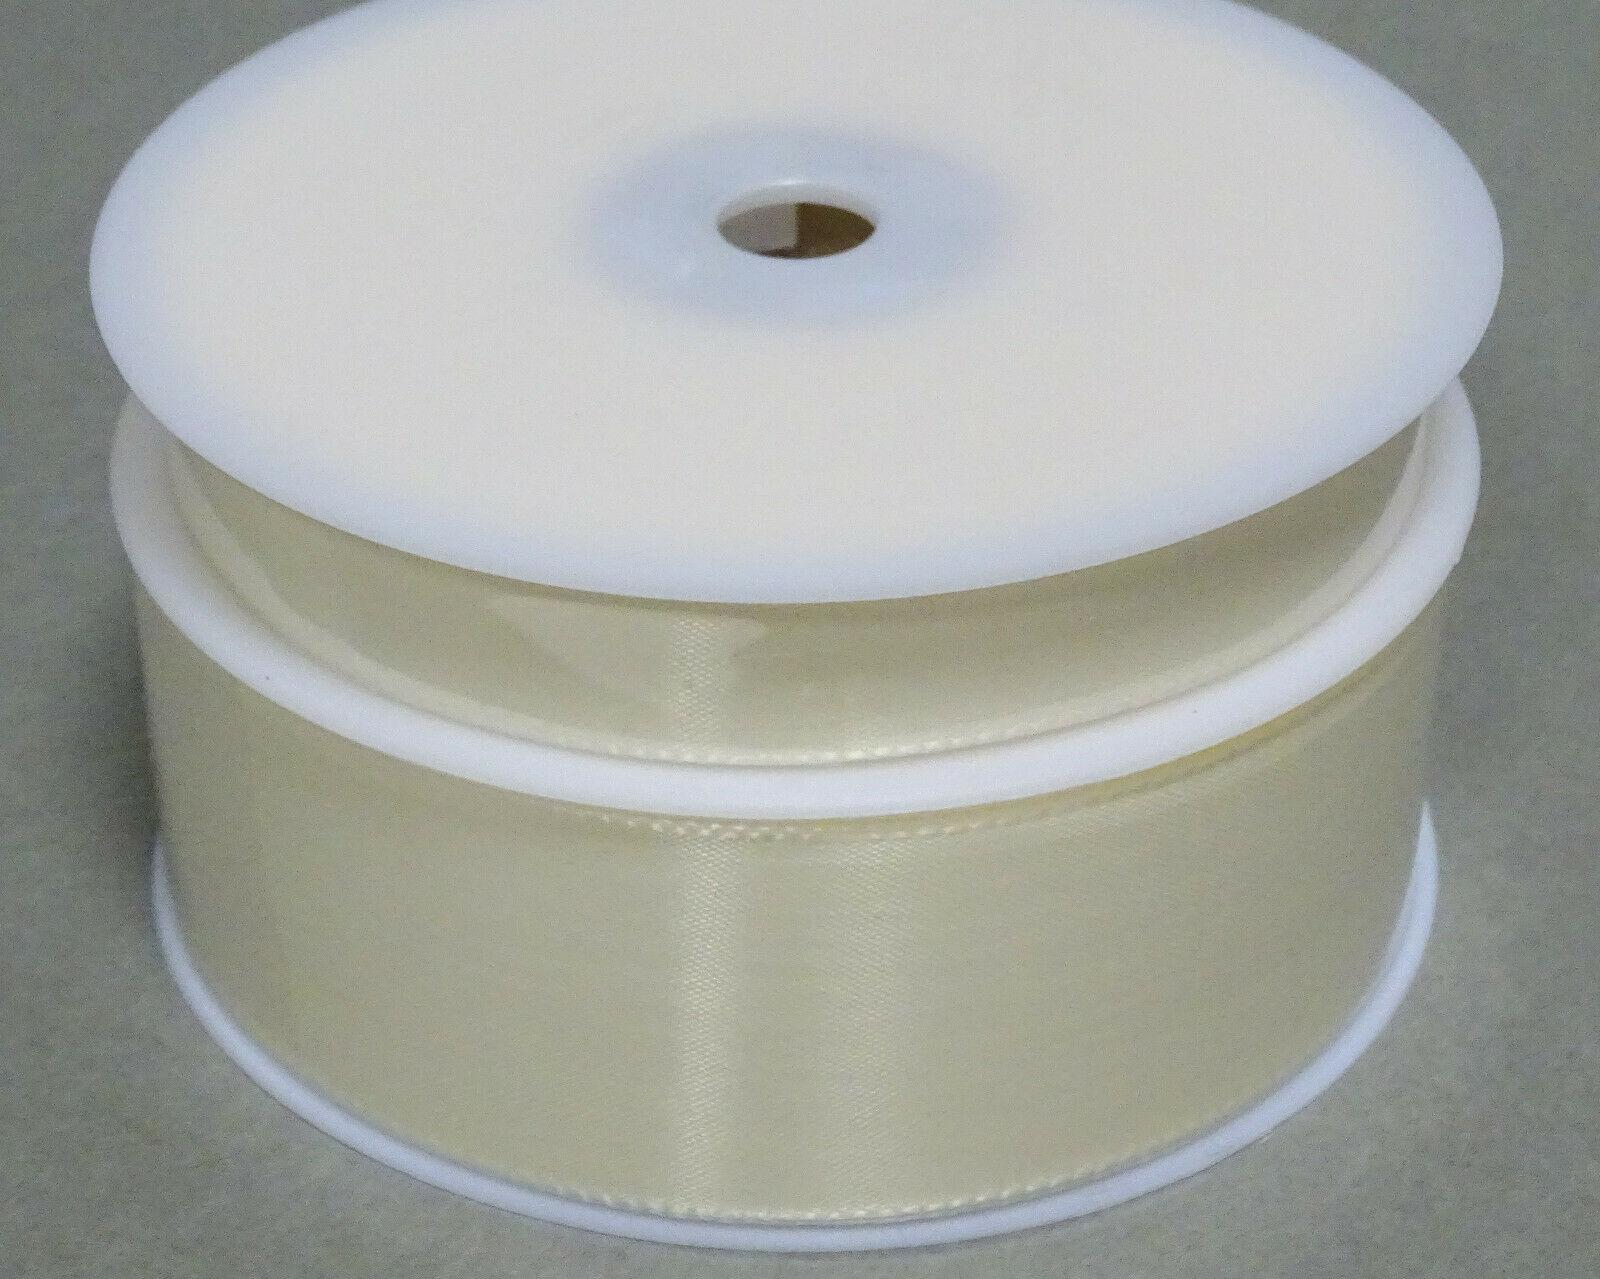 Seidenband Schleifenband 50 m x 15 / 25 / 40mm Dekoband ab 0,08€/m Geschenkband  - Elfenbein 202, 15 mm x 50 m